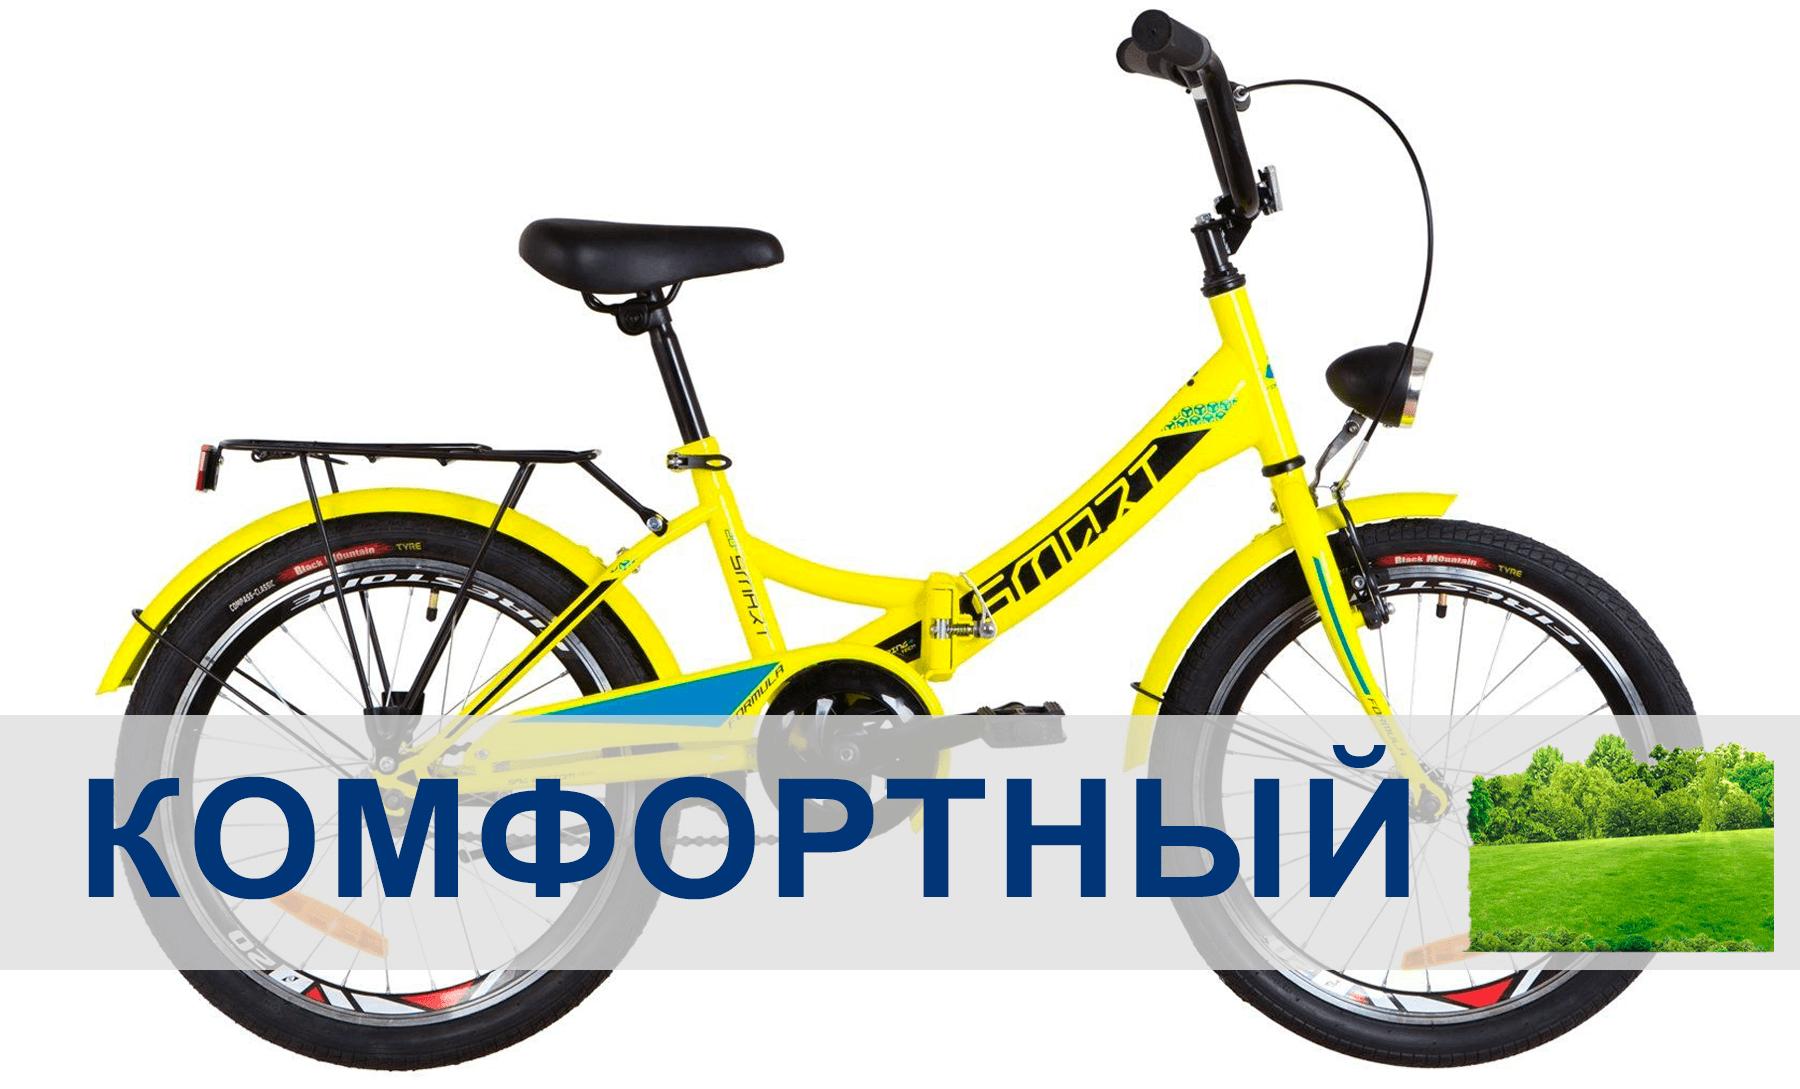 комфортный велосипед фото